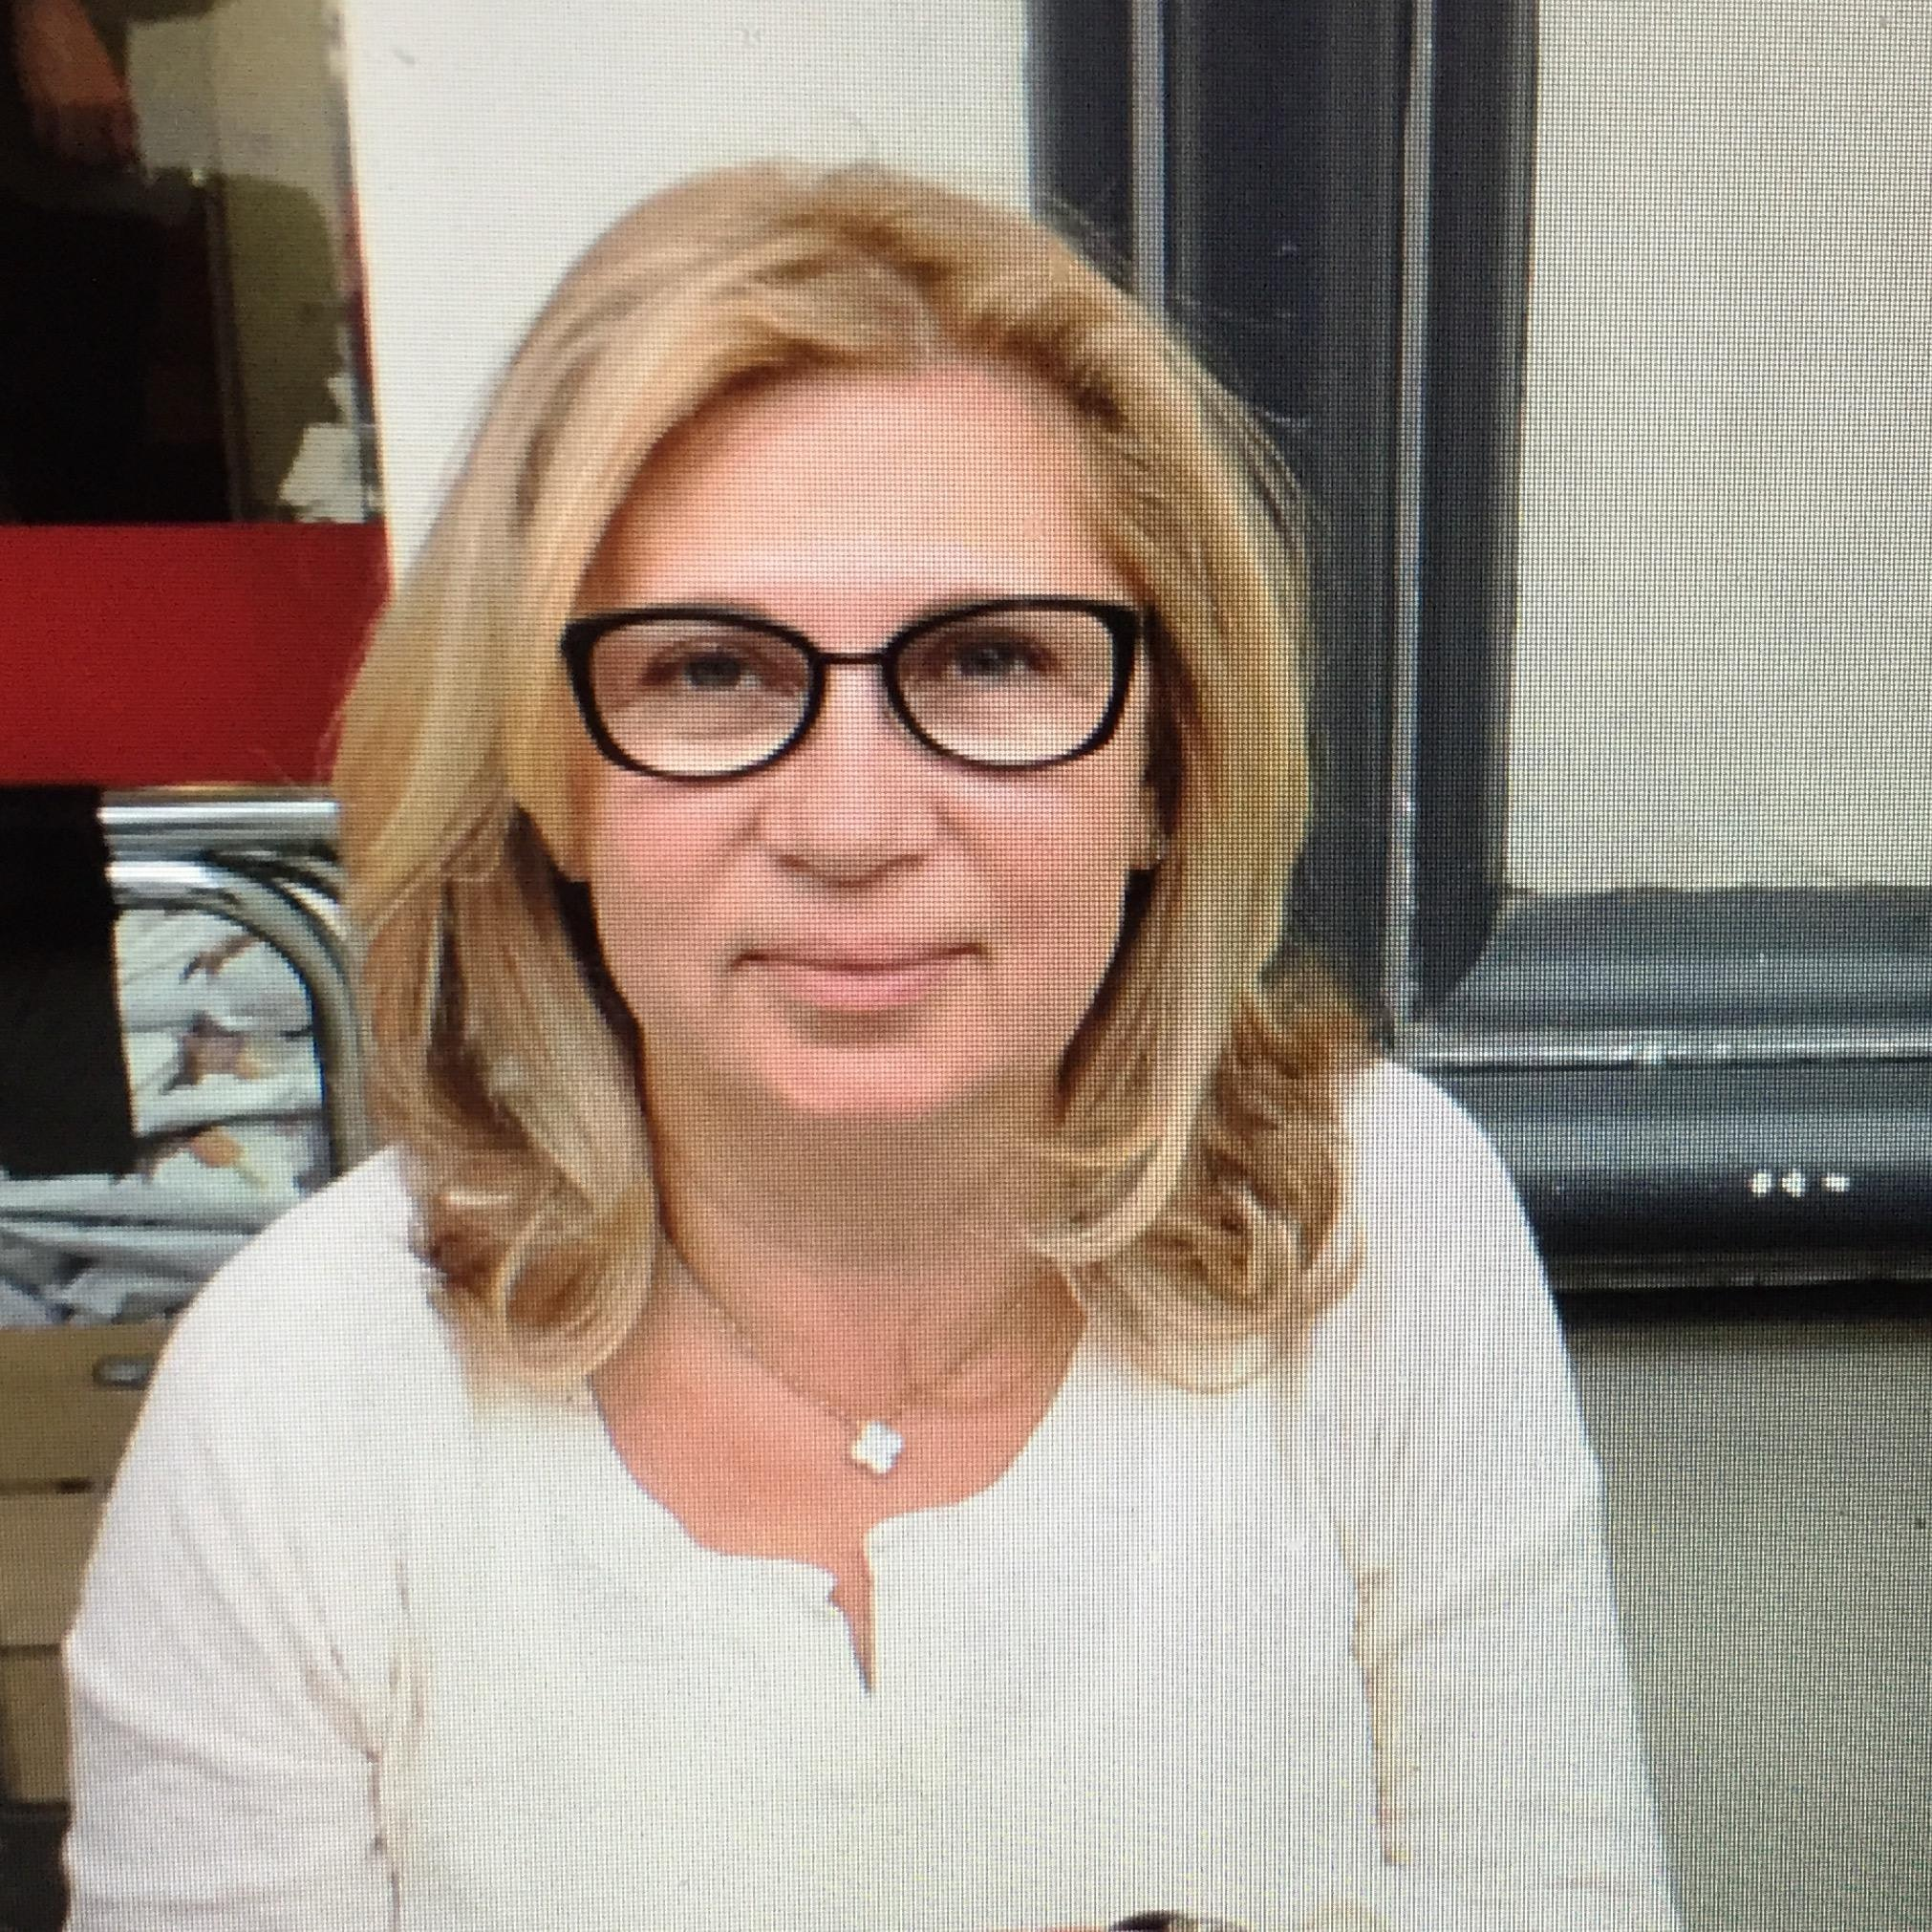 Ereena S.